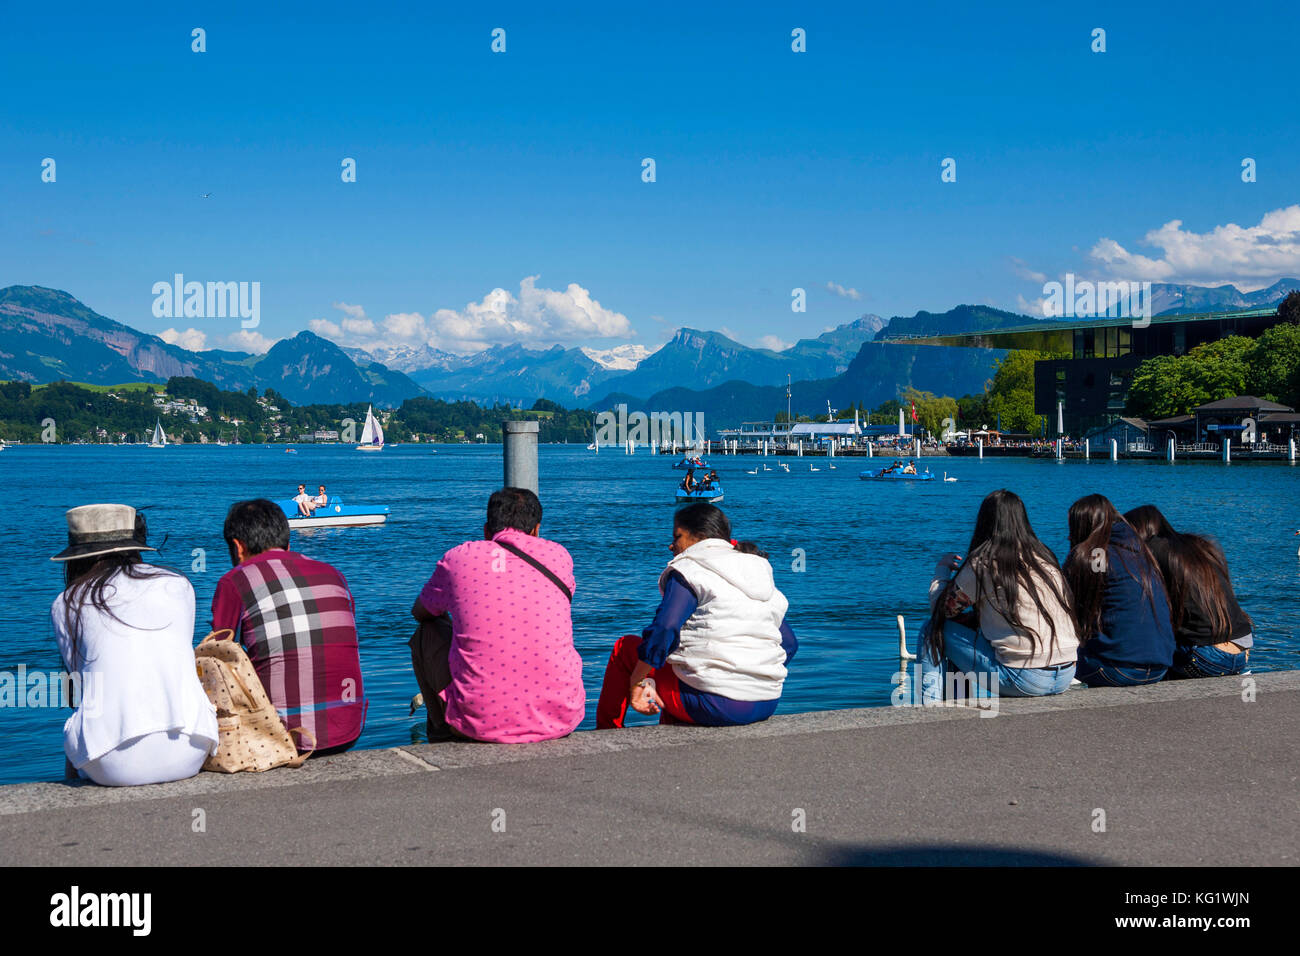 Luzern, Schweiz :  Vierwaldstättersee, Touristen am Ufer des Vierwaldstättersee - Stock Image